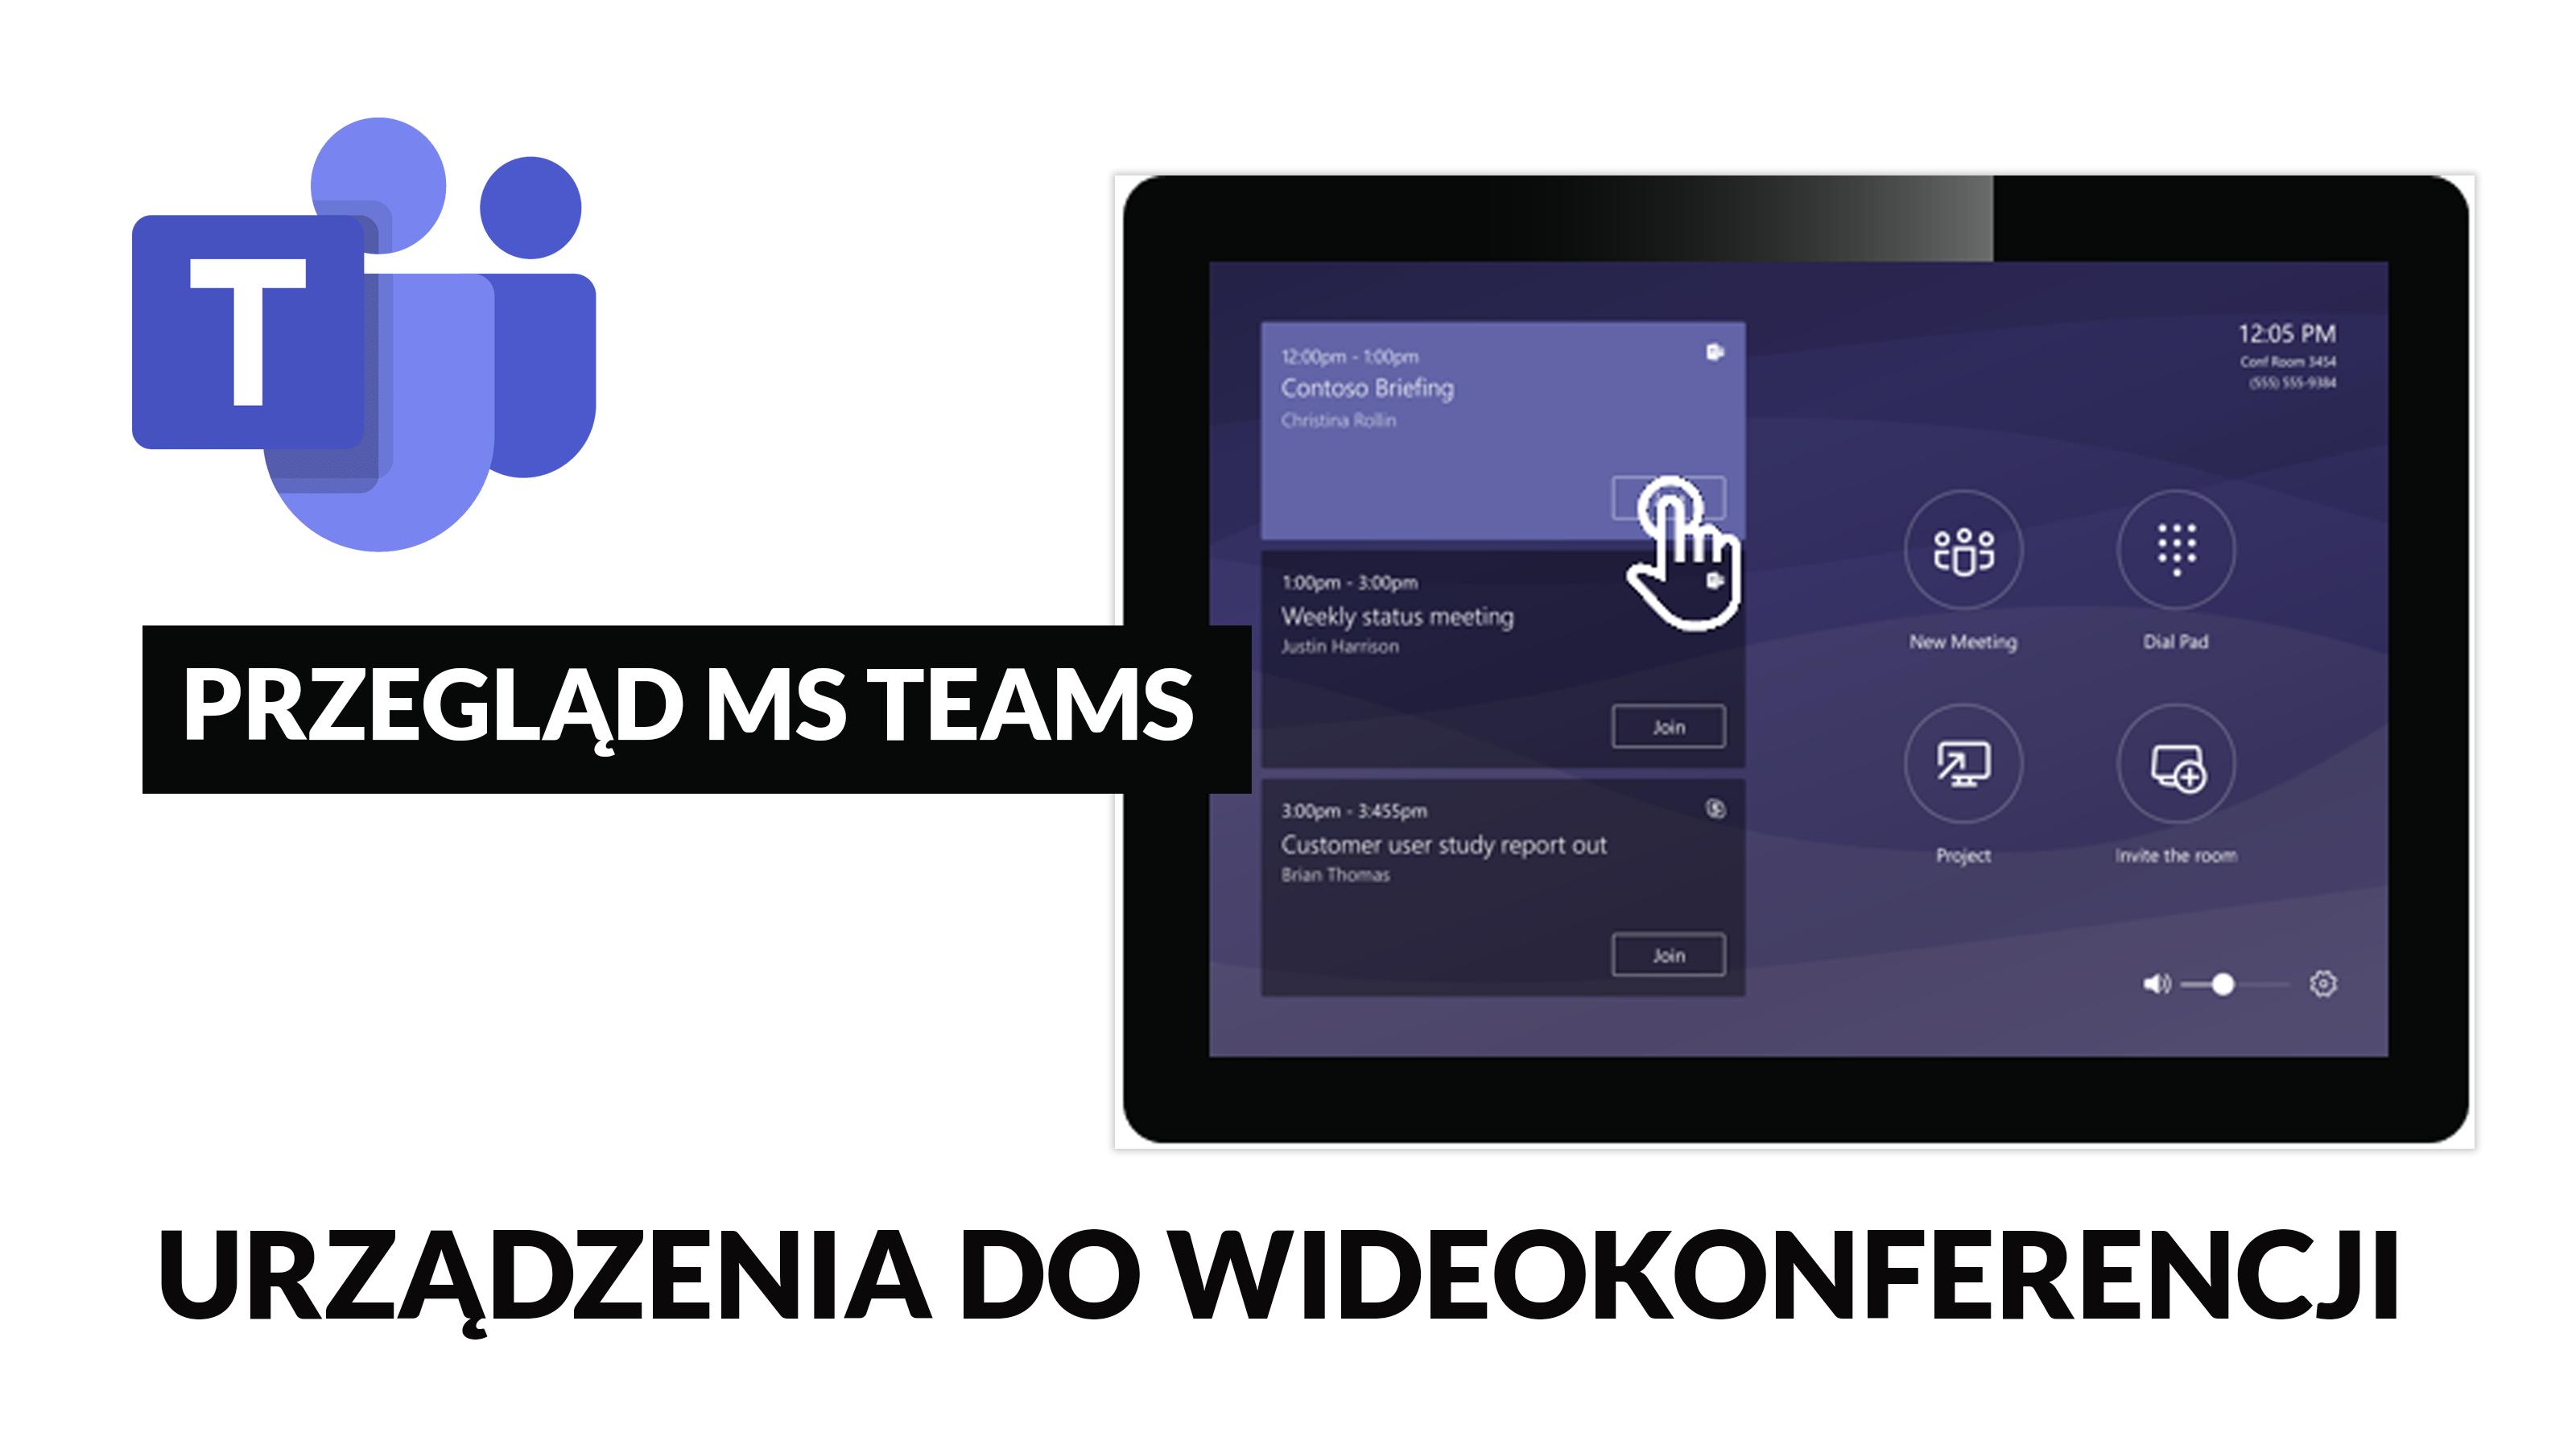 Urządzenia do wideokonferencji MS Teams